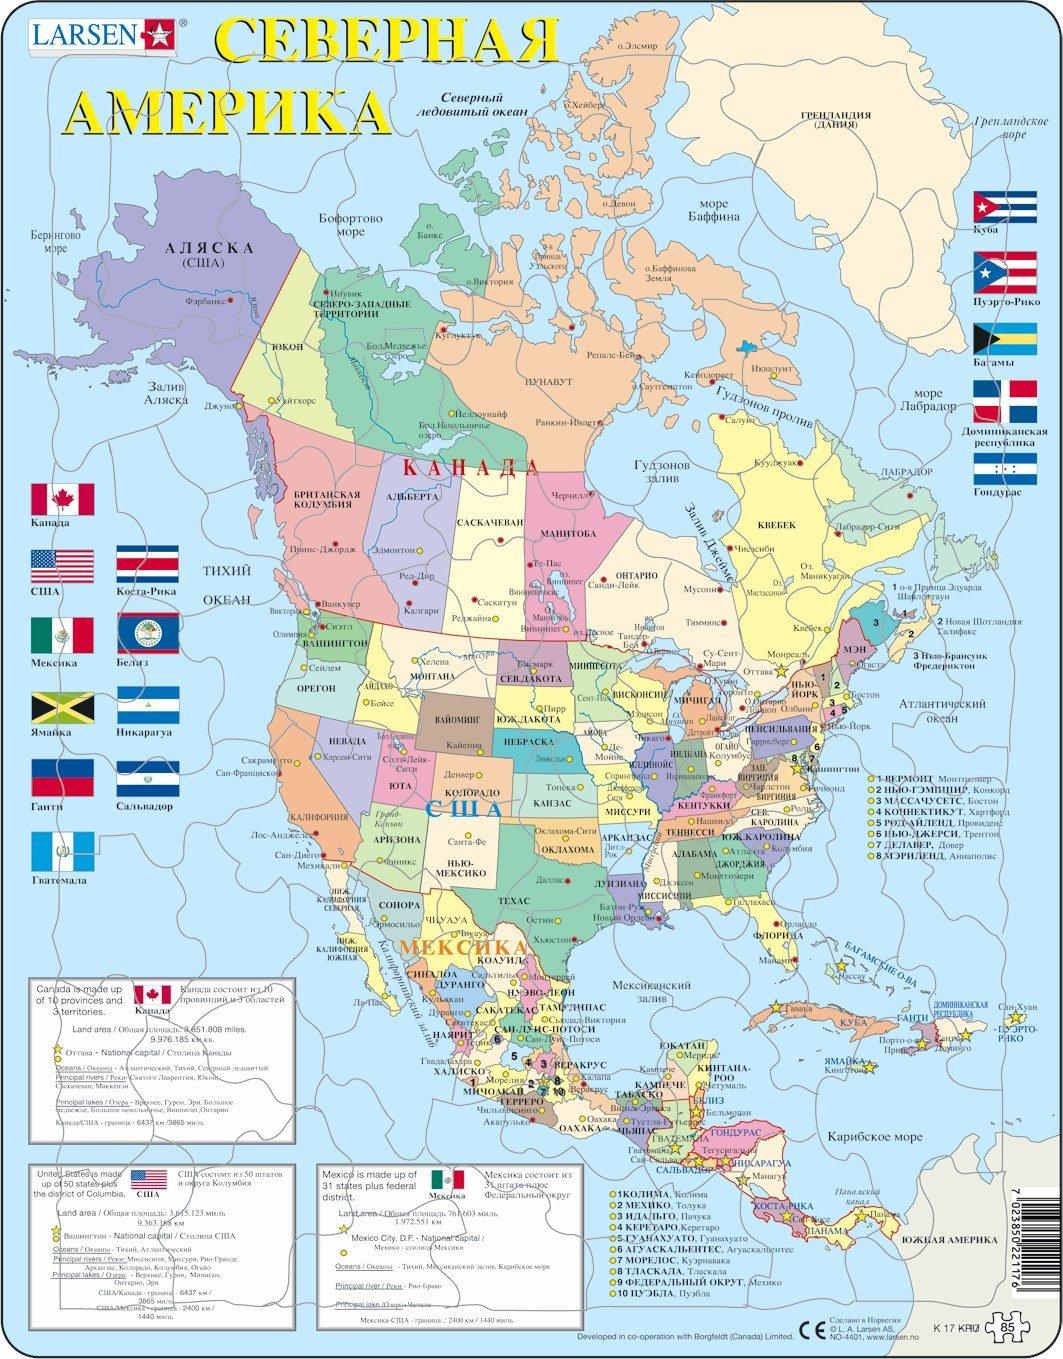 Обучающий пазл - Северная Америка, 85 деталей, Larsen  - купить со скидкой